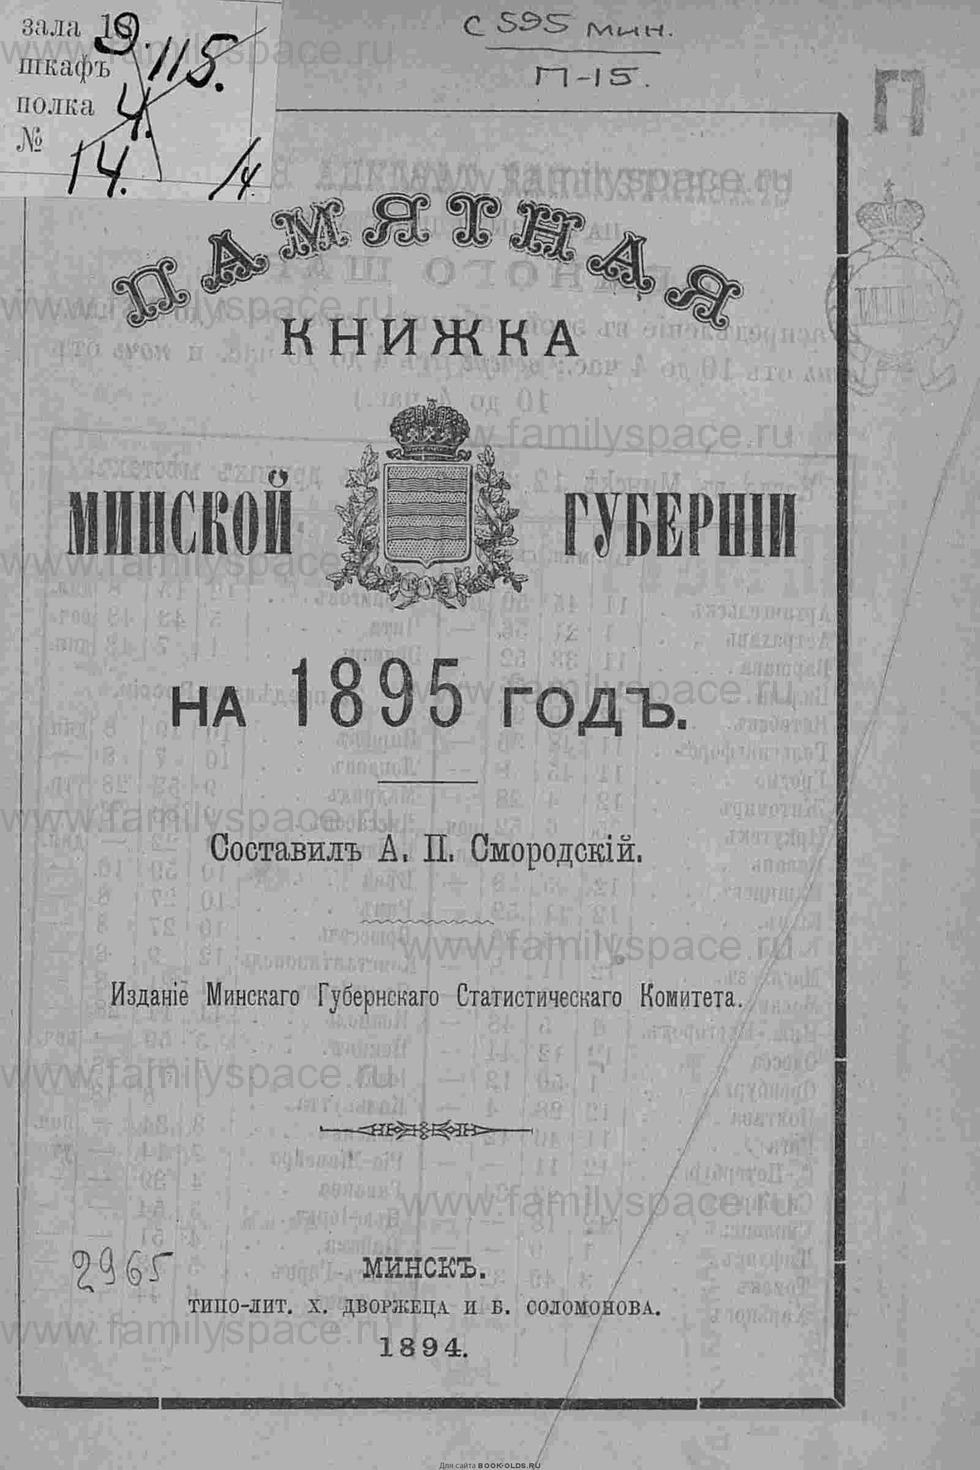 Поиск по фамилии - Памятная книжка Минской губернии на 1895 год, страница 3